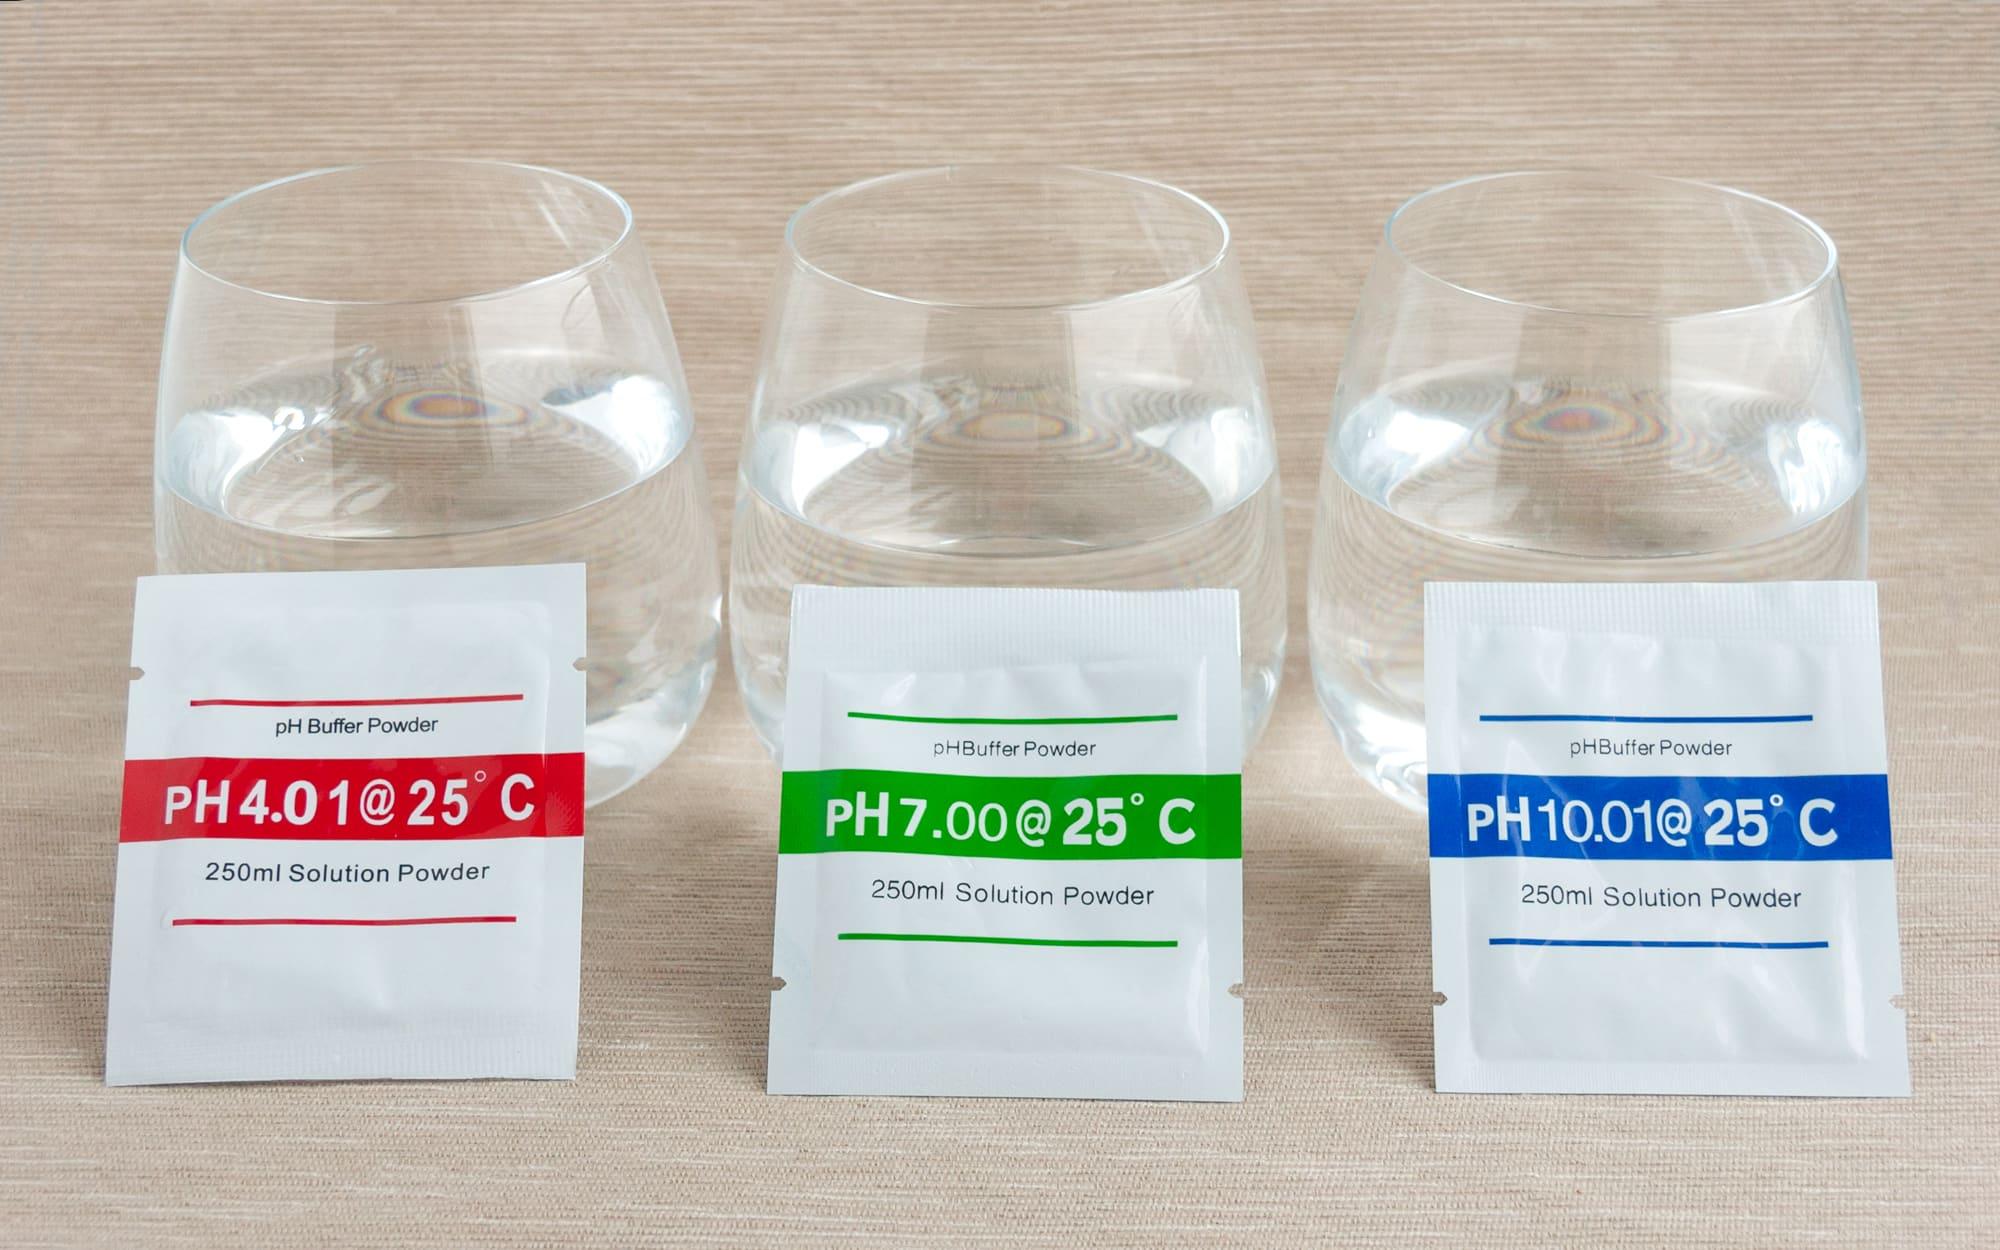 Стаканы и порошки для pH-калибровки